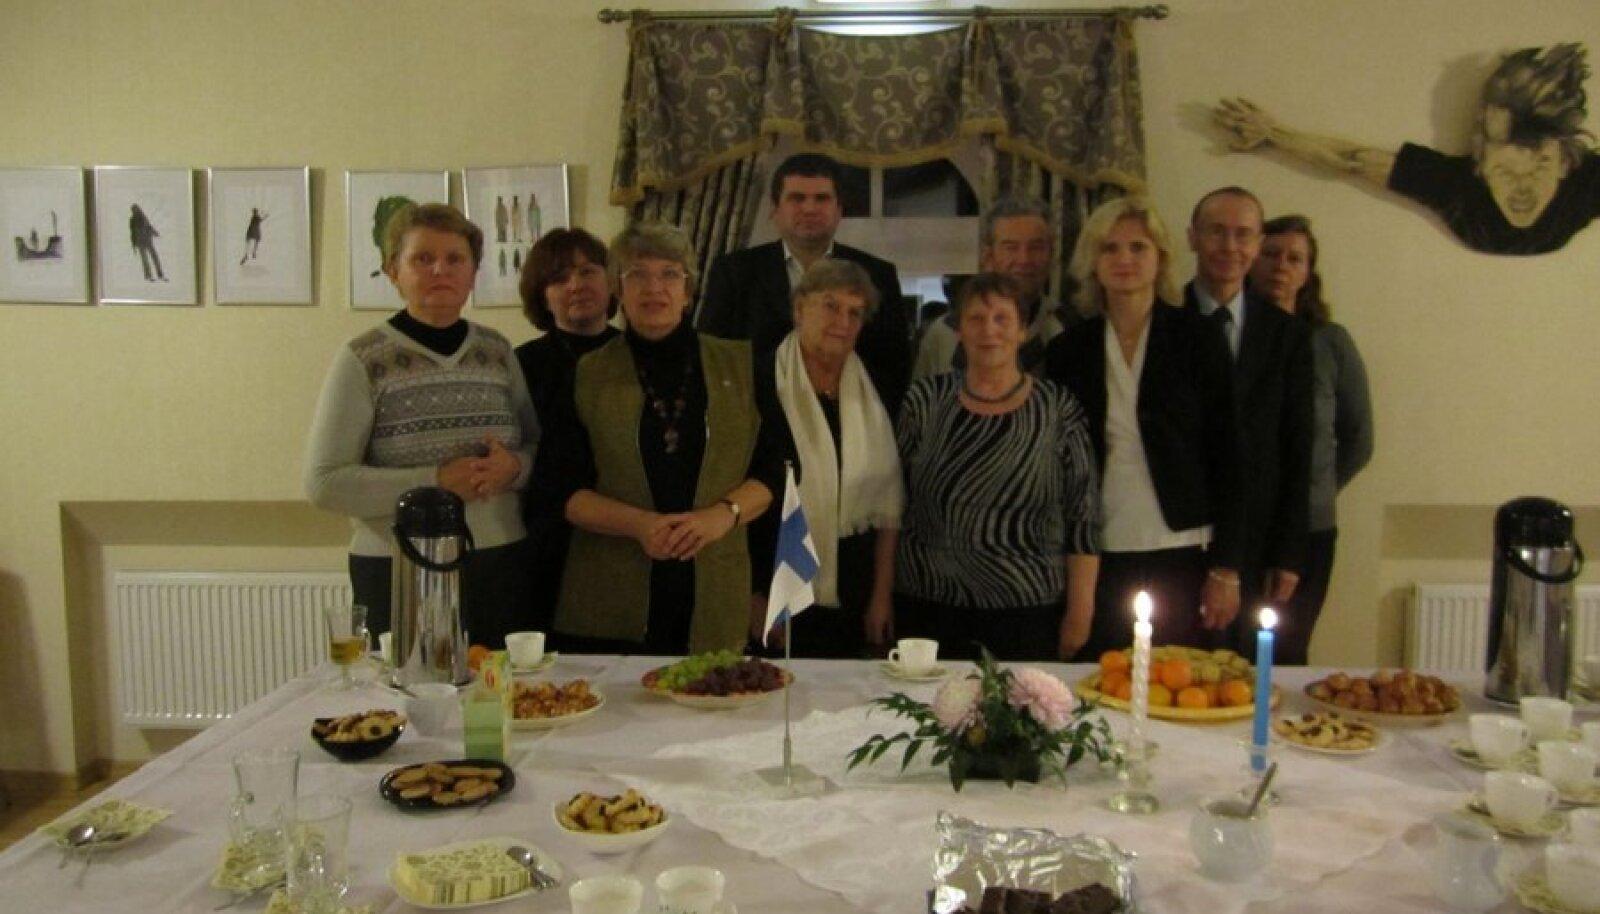 Soome Vabariigi iseseisvuspäeval Kurtna raamatukogus. Foto: Valve Kollo